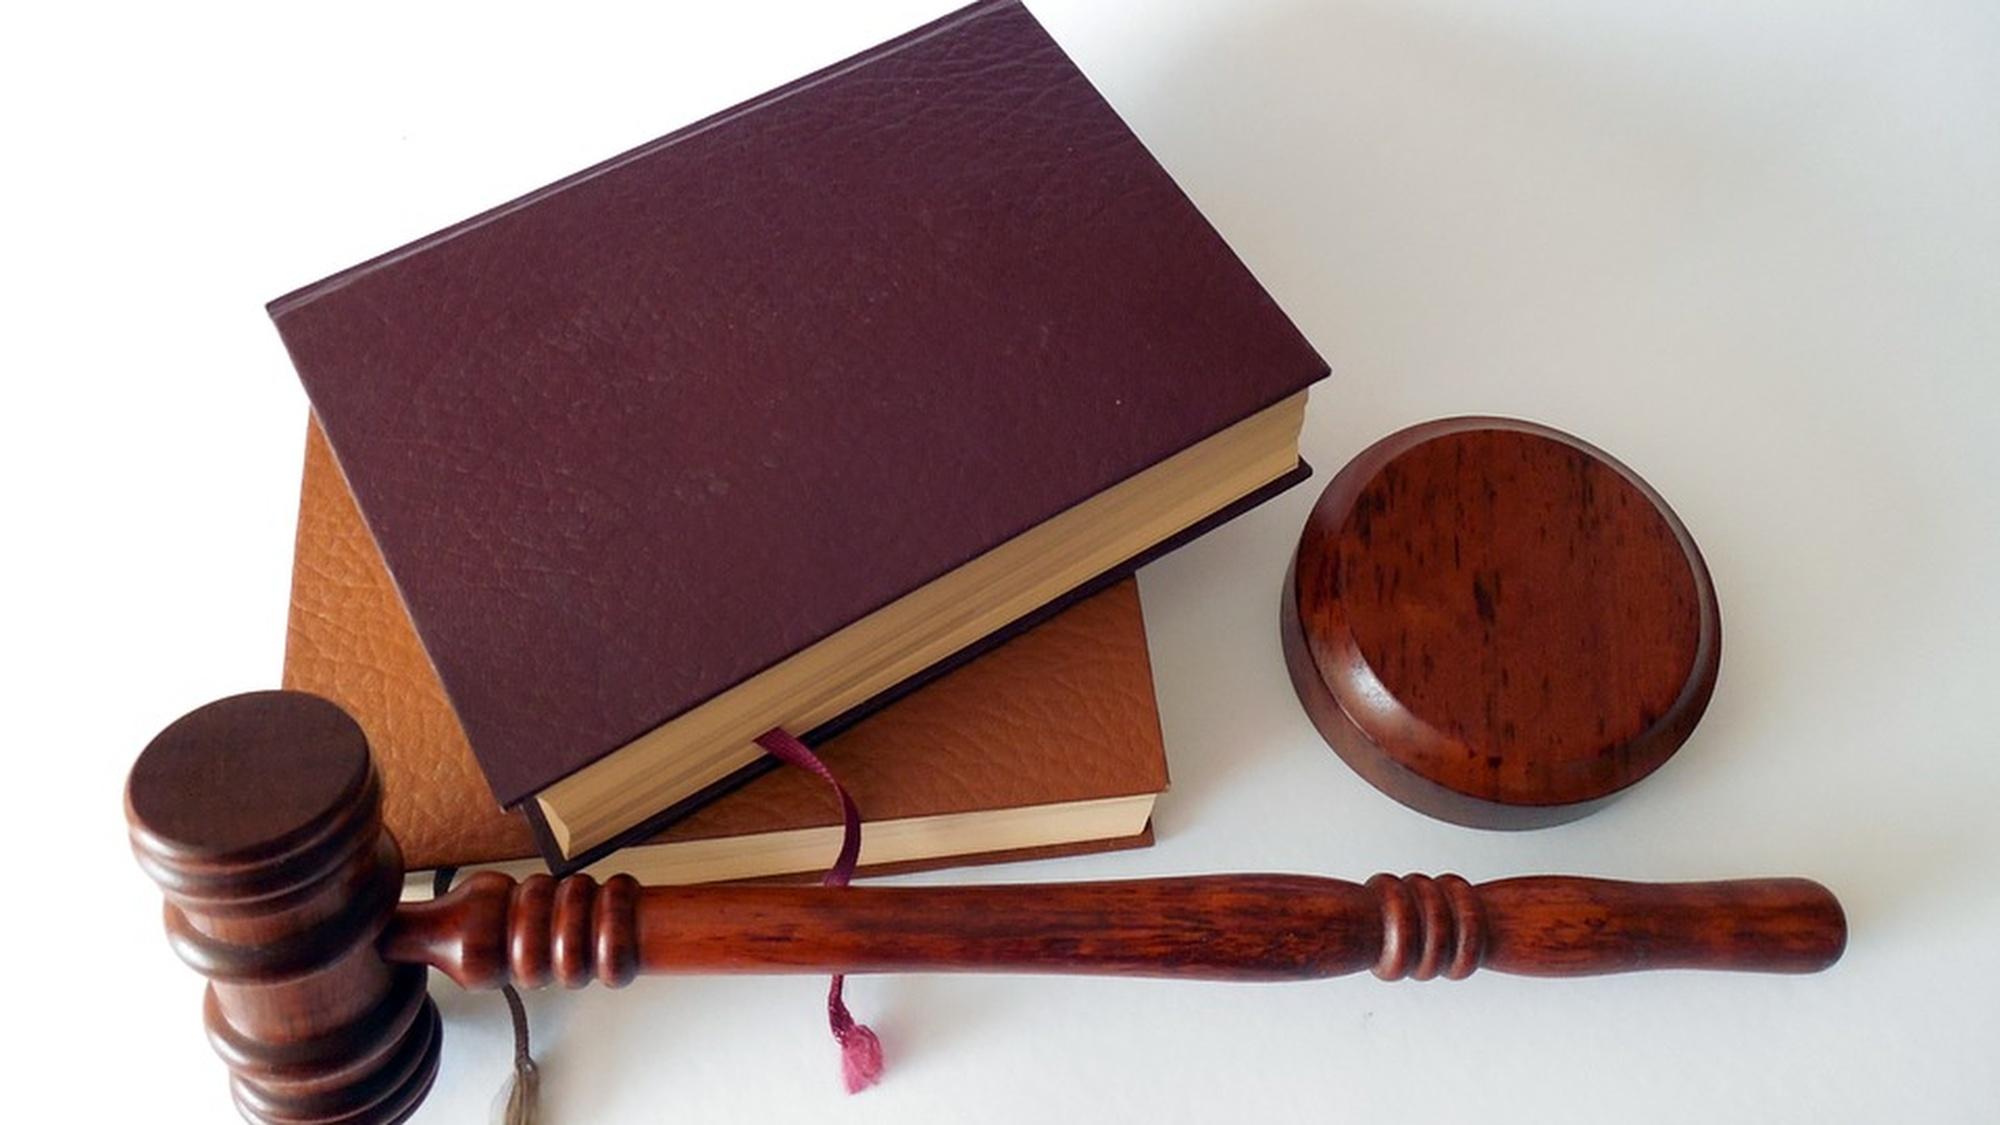 Il bovarismo legale: quel costume corrotto che maschera la liceità